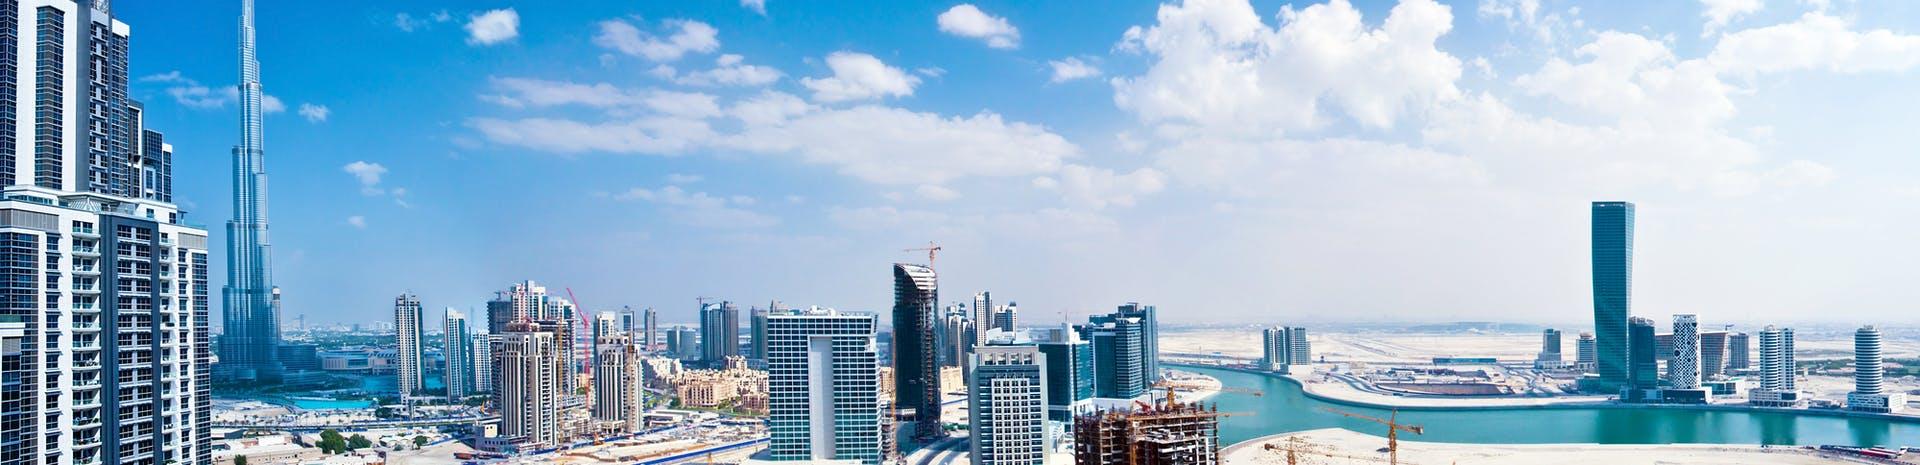 Picture of Ras al Khaimah